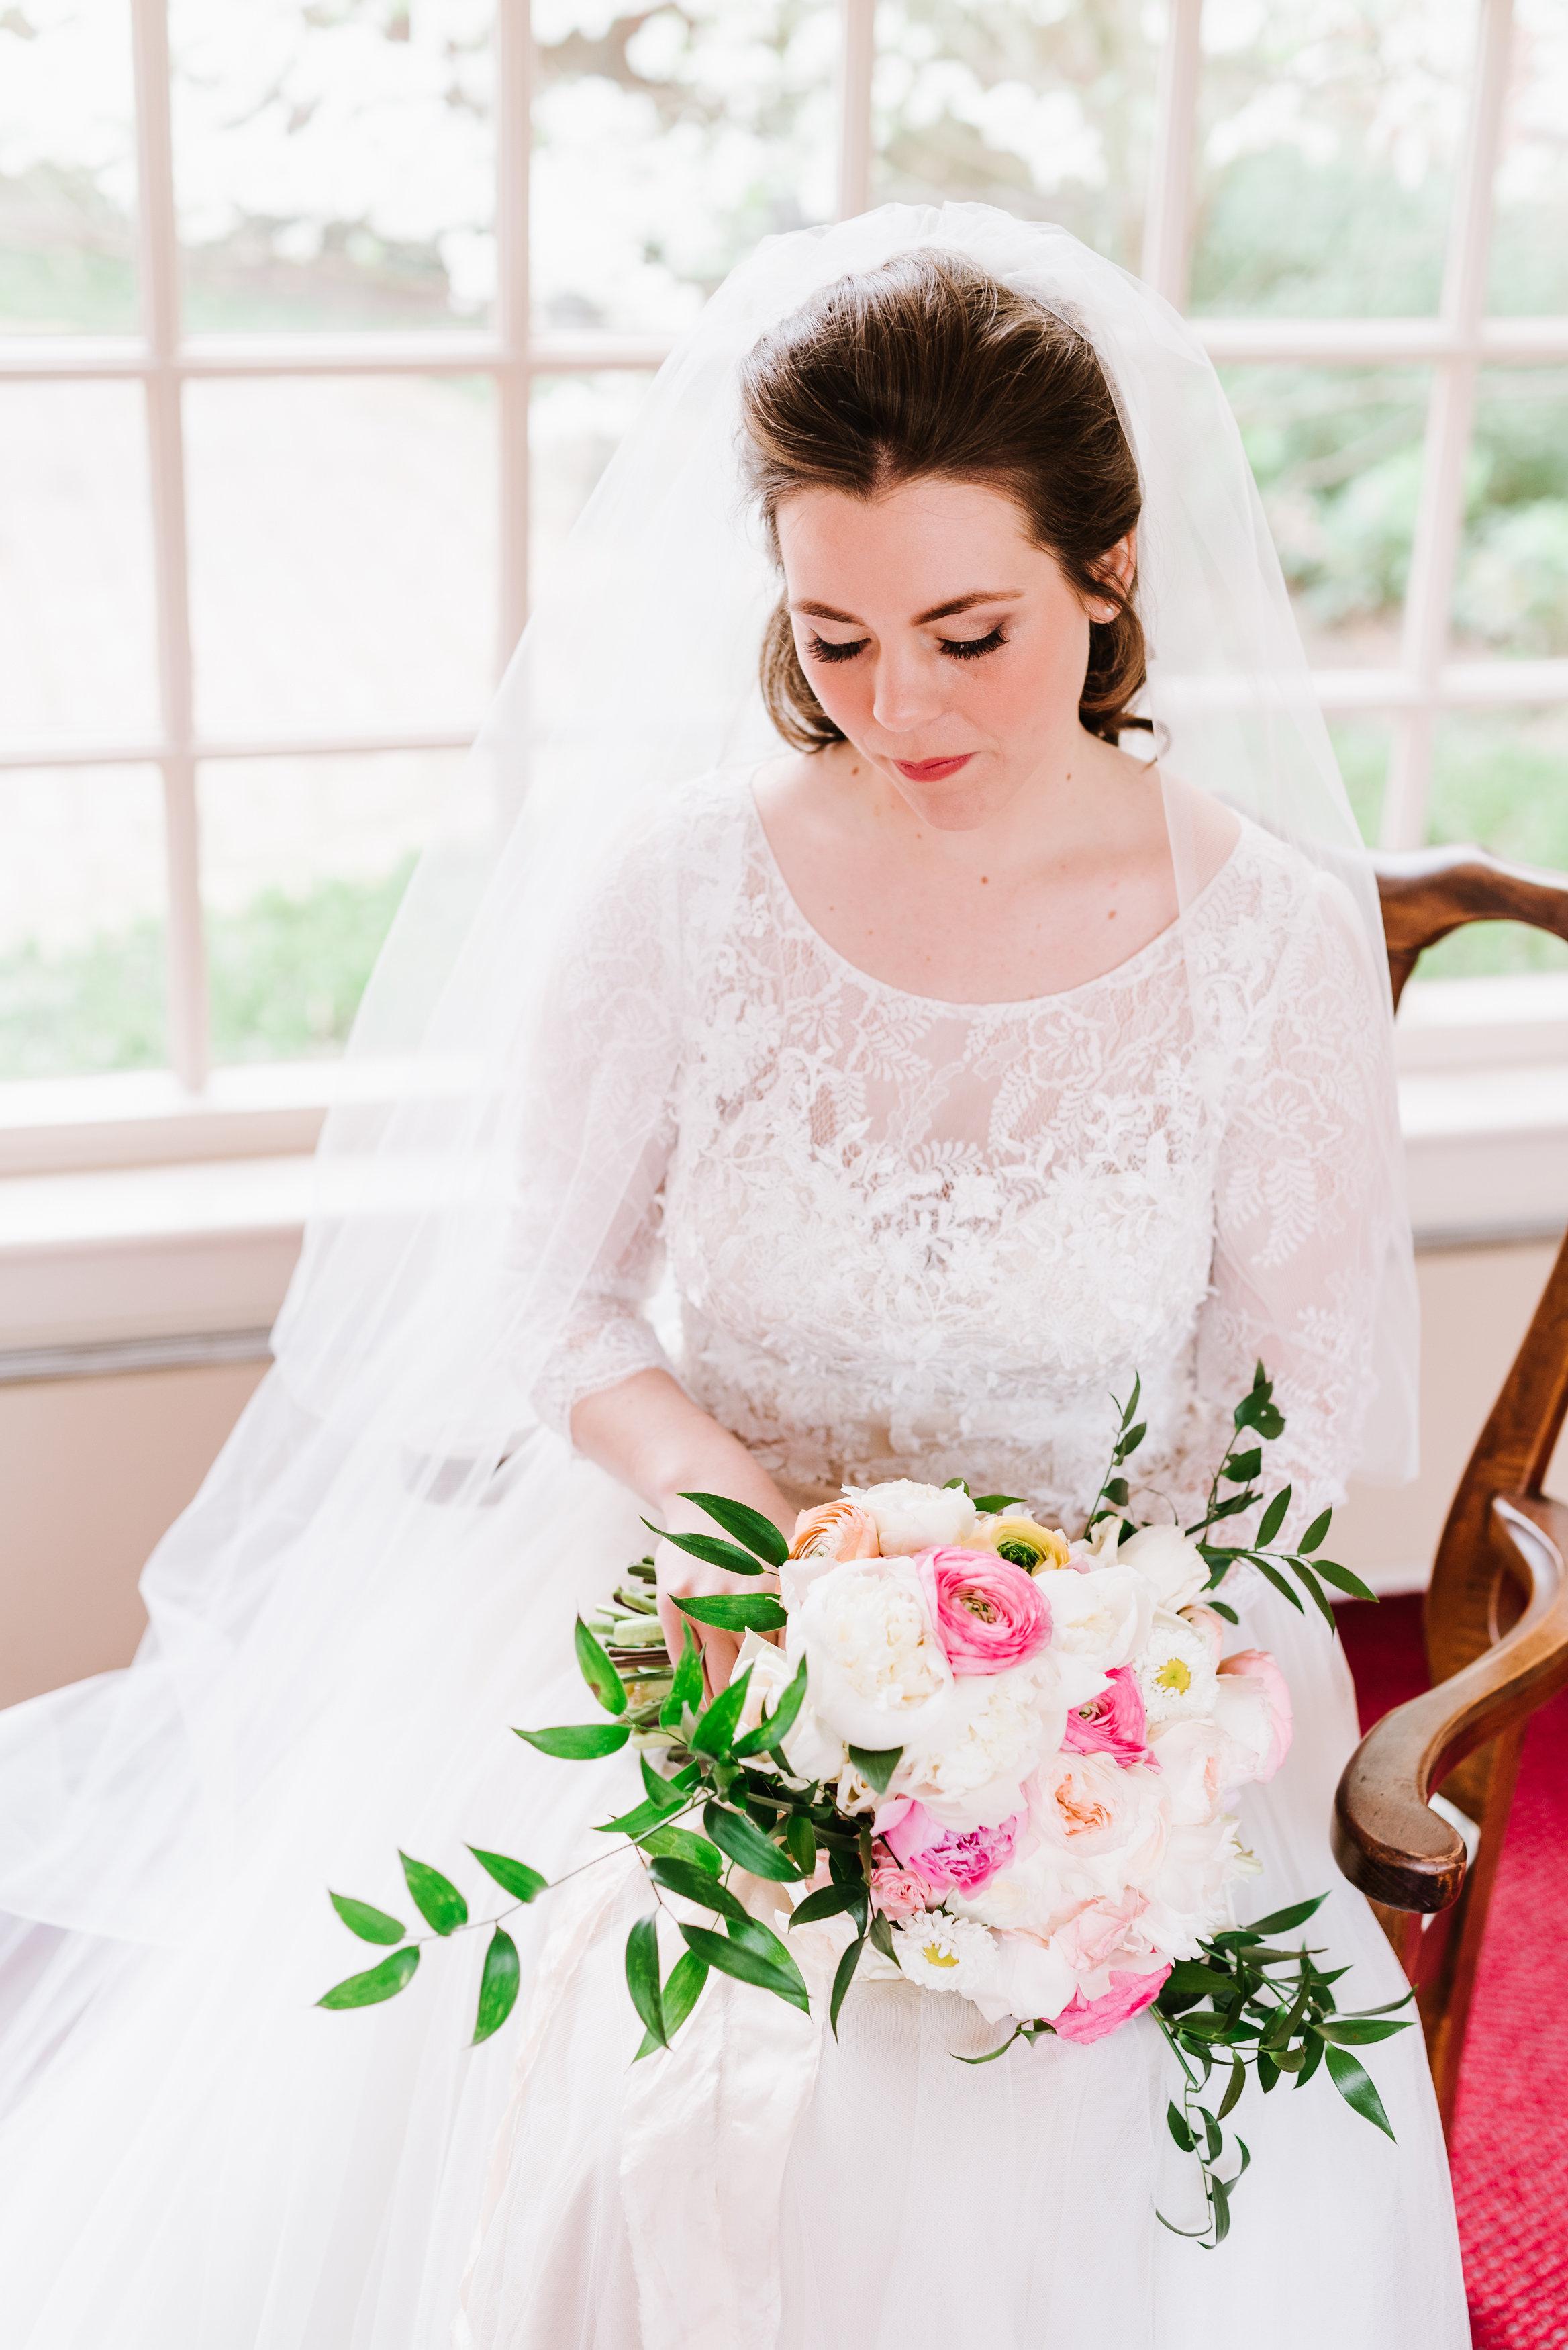 tylar-seth-wedding-61.jpg